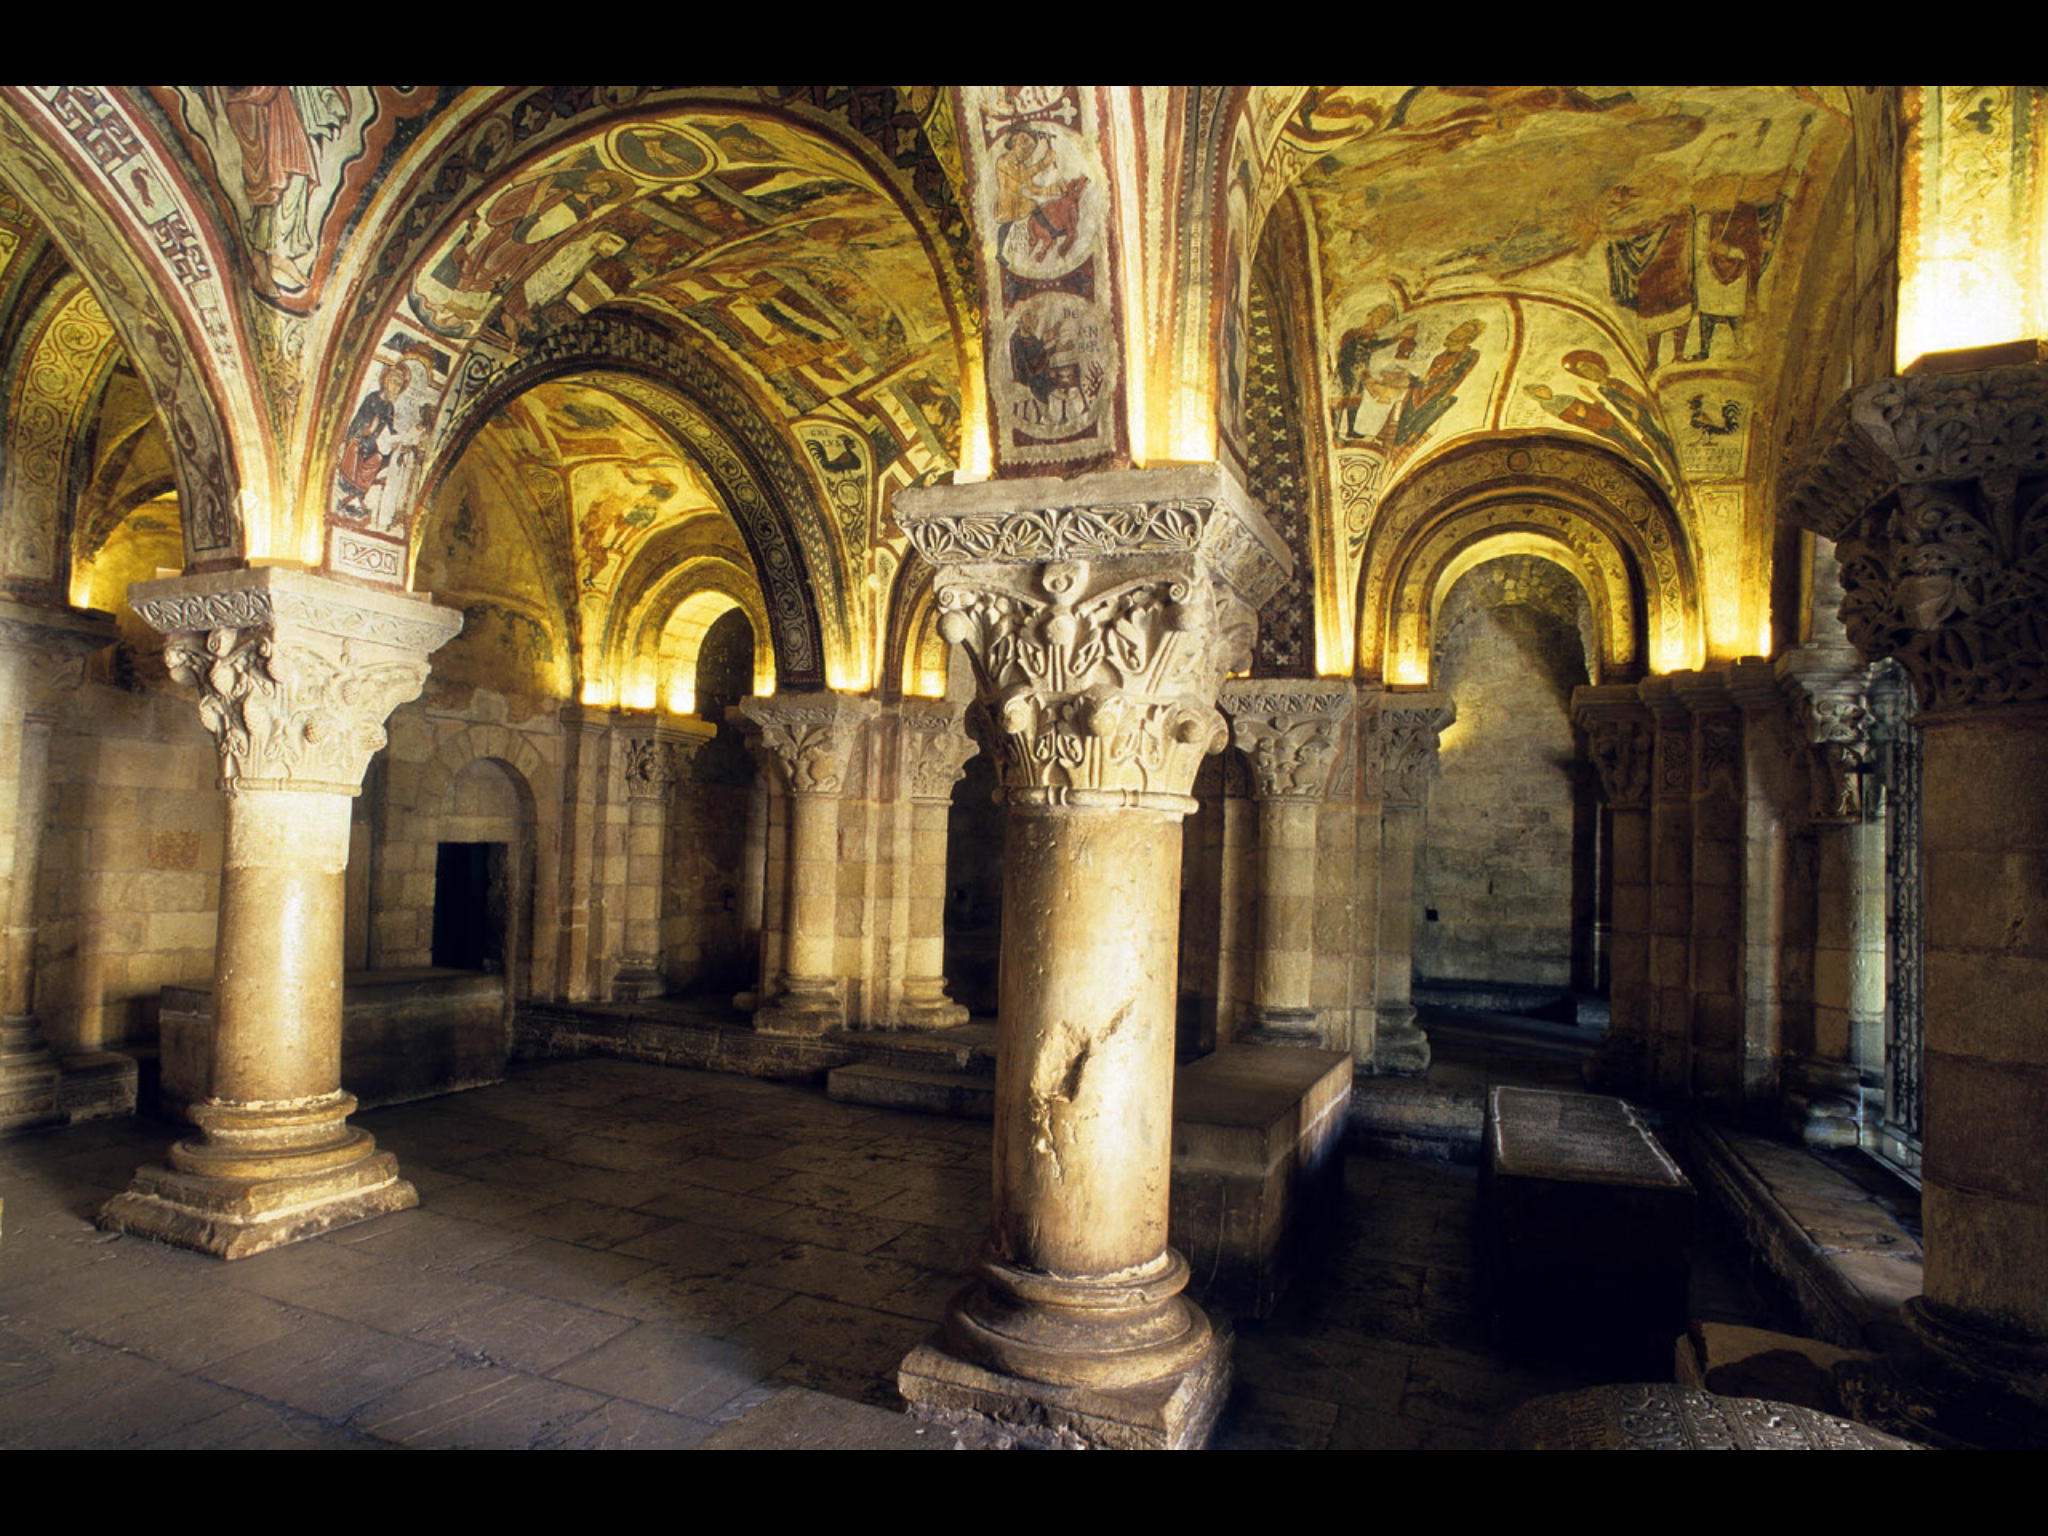 Panteón de los Reyes. San Isidoro. León